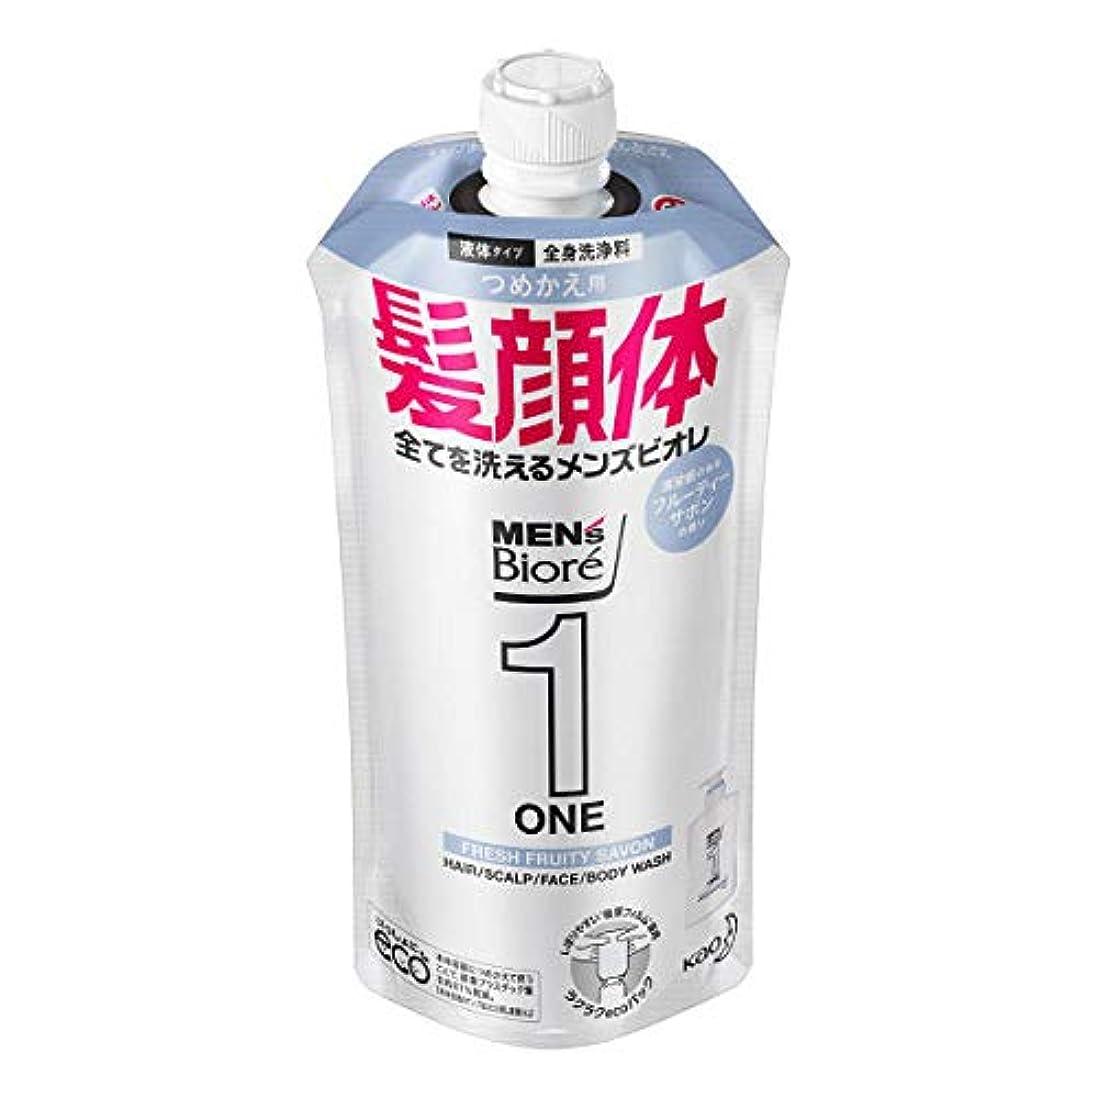 最も早い火山学フィクションメンズビオレONE オールインワン全身洗浄料 清潔感のあるフルーティーサボンの香り つめかえ用 340mL